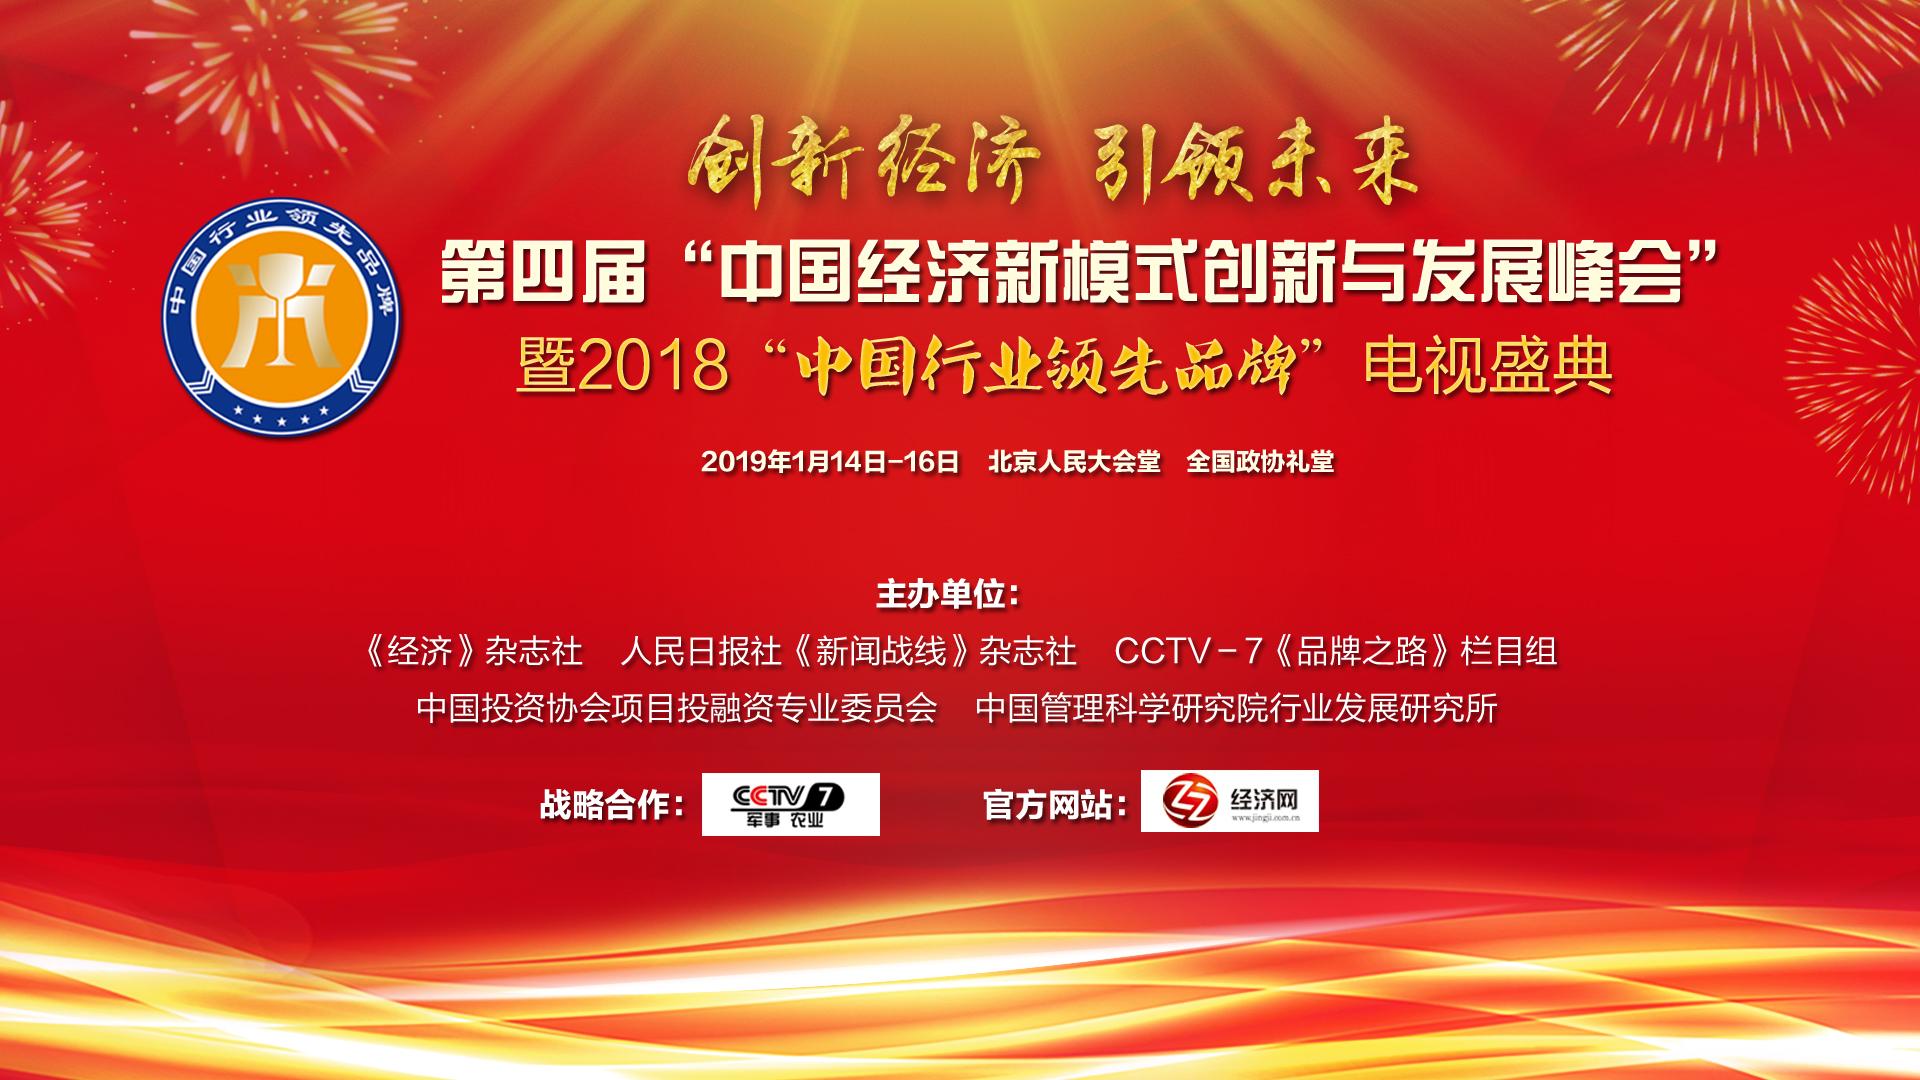 第四届中国经济新模式创新与发展峰会将在京举行